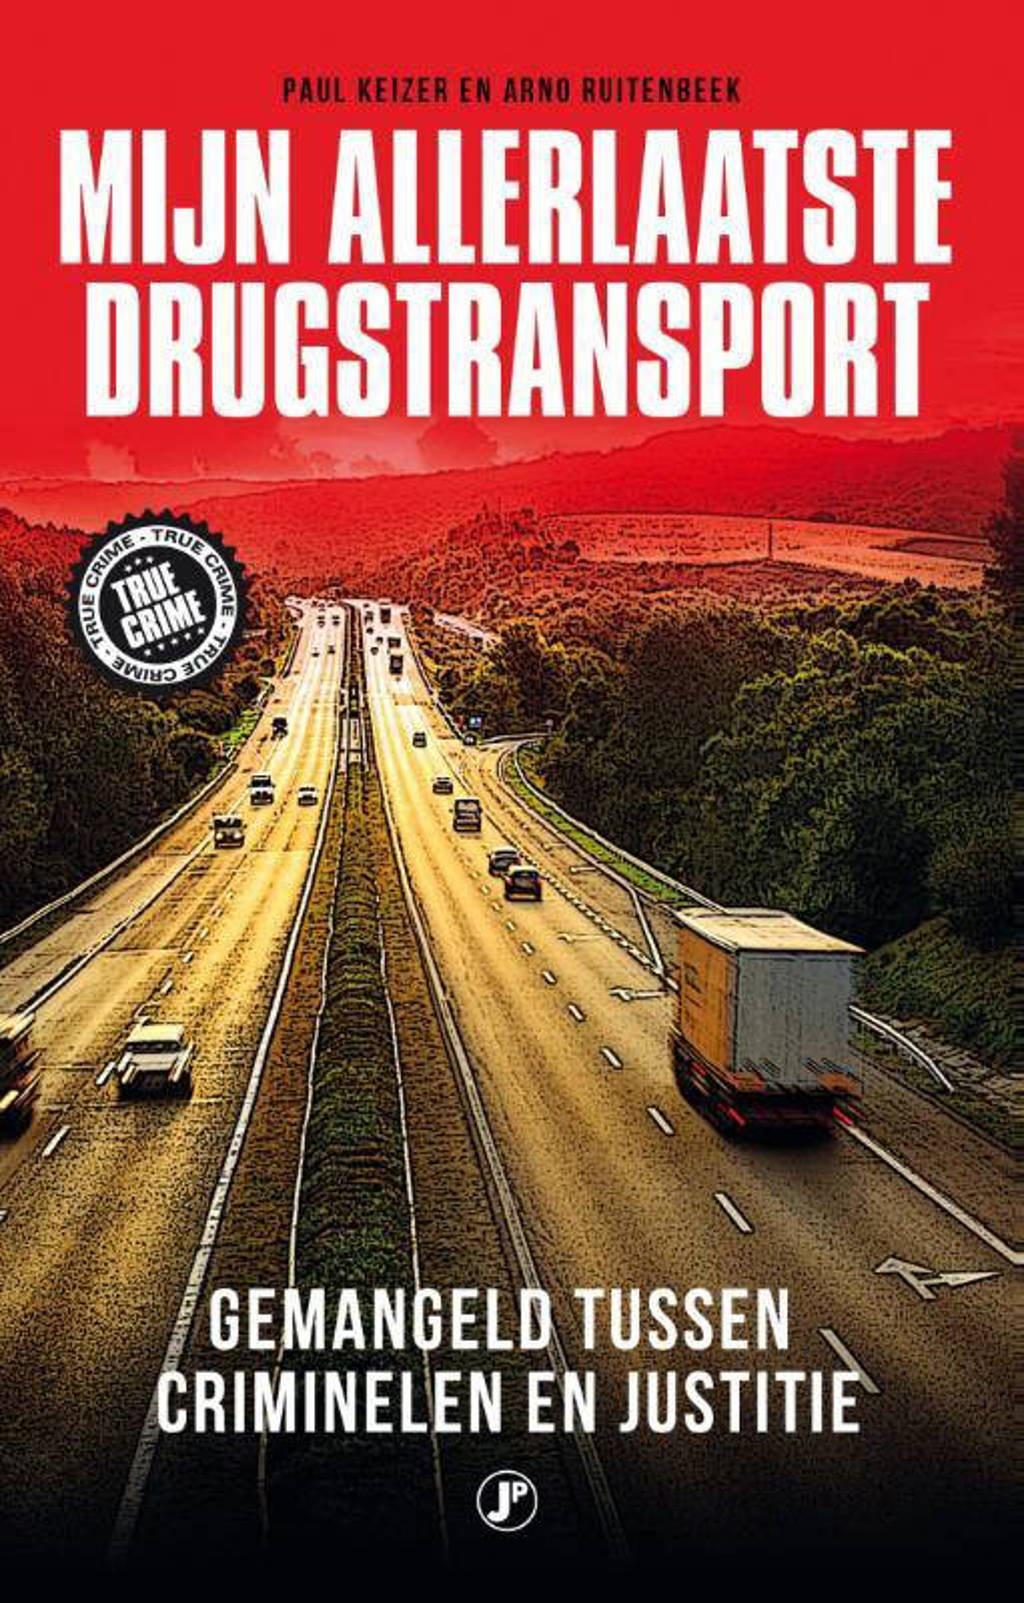 Mijn allerlaatste drugstransport - Paul Koning en Arno Ruitenbeek